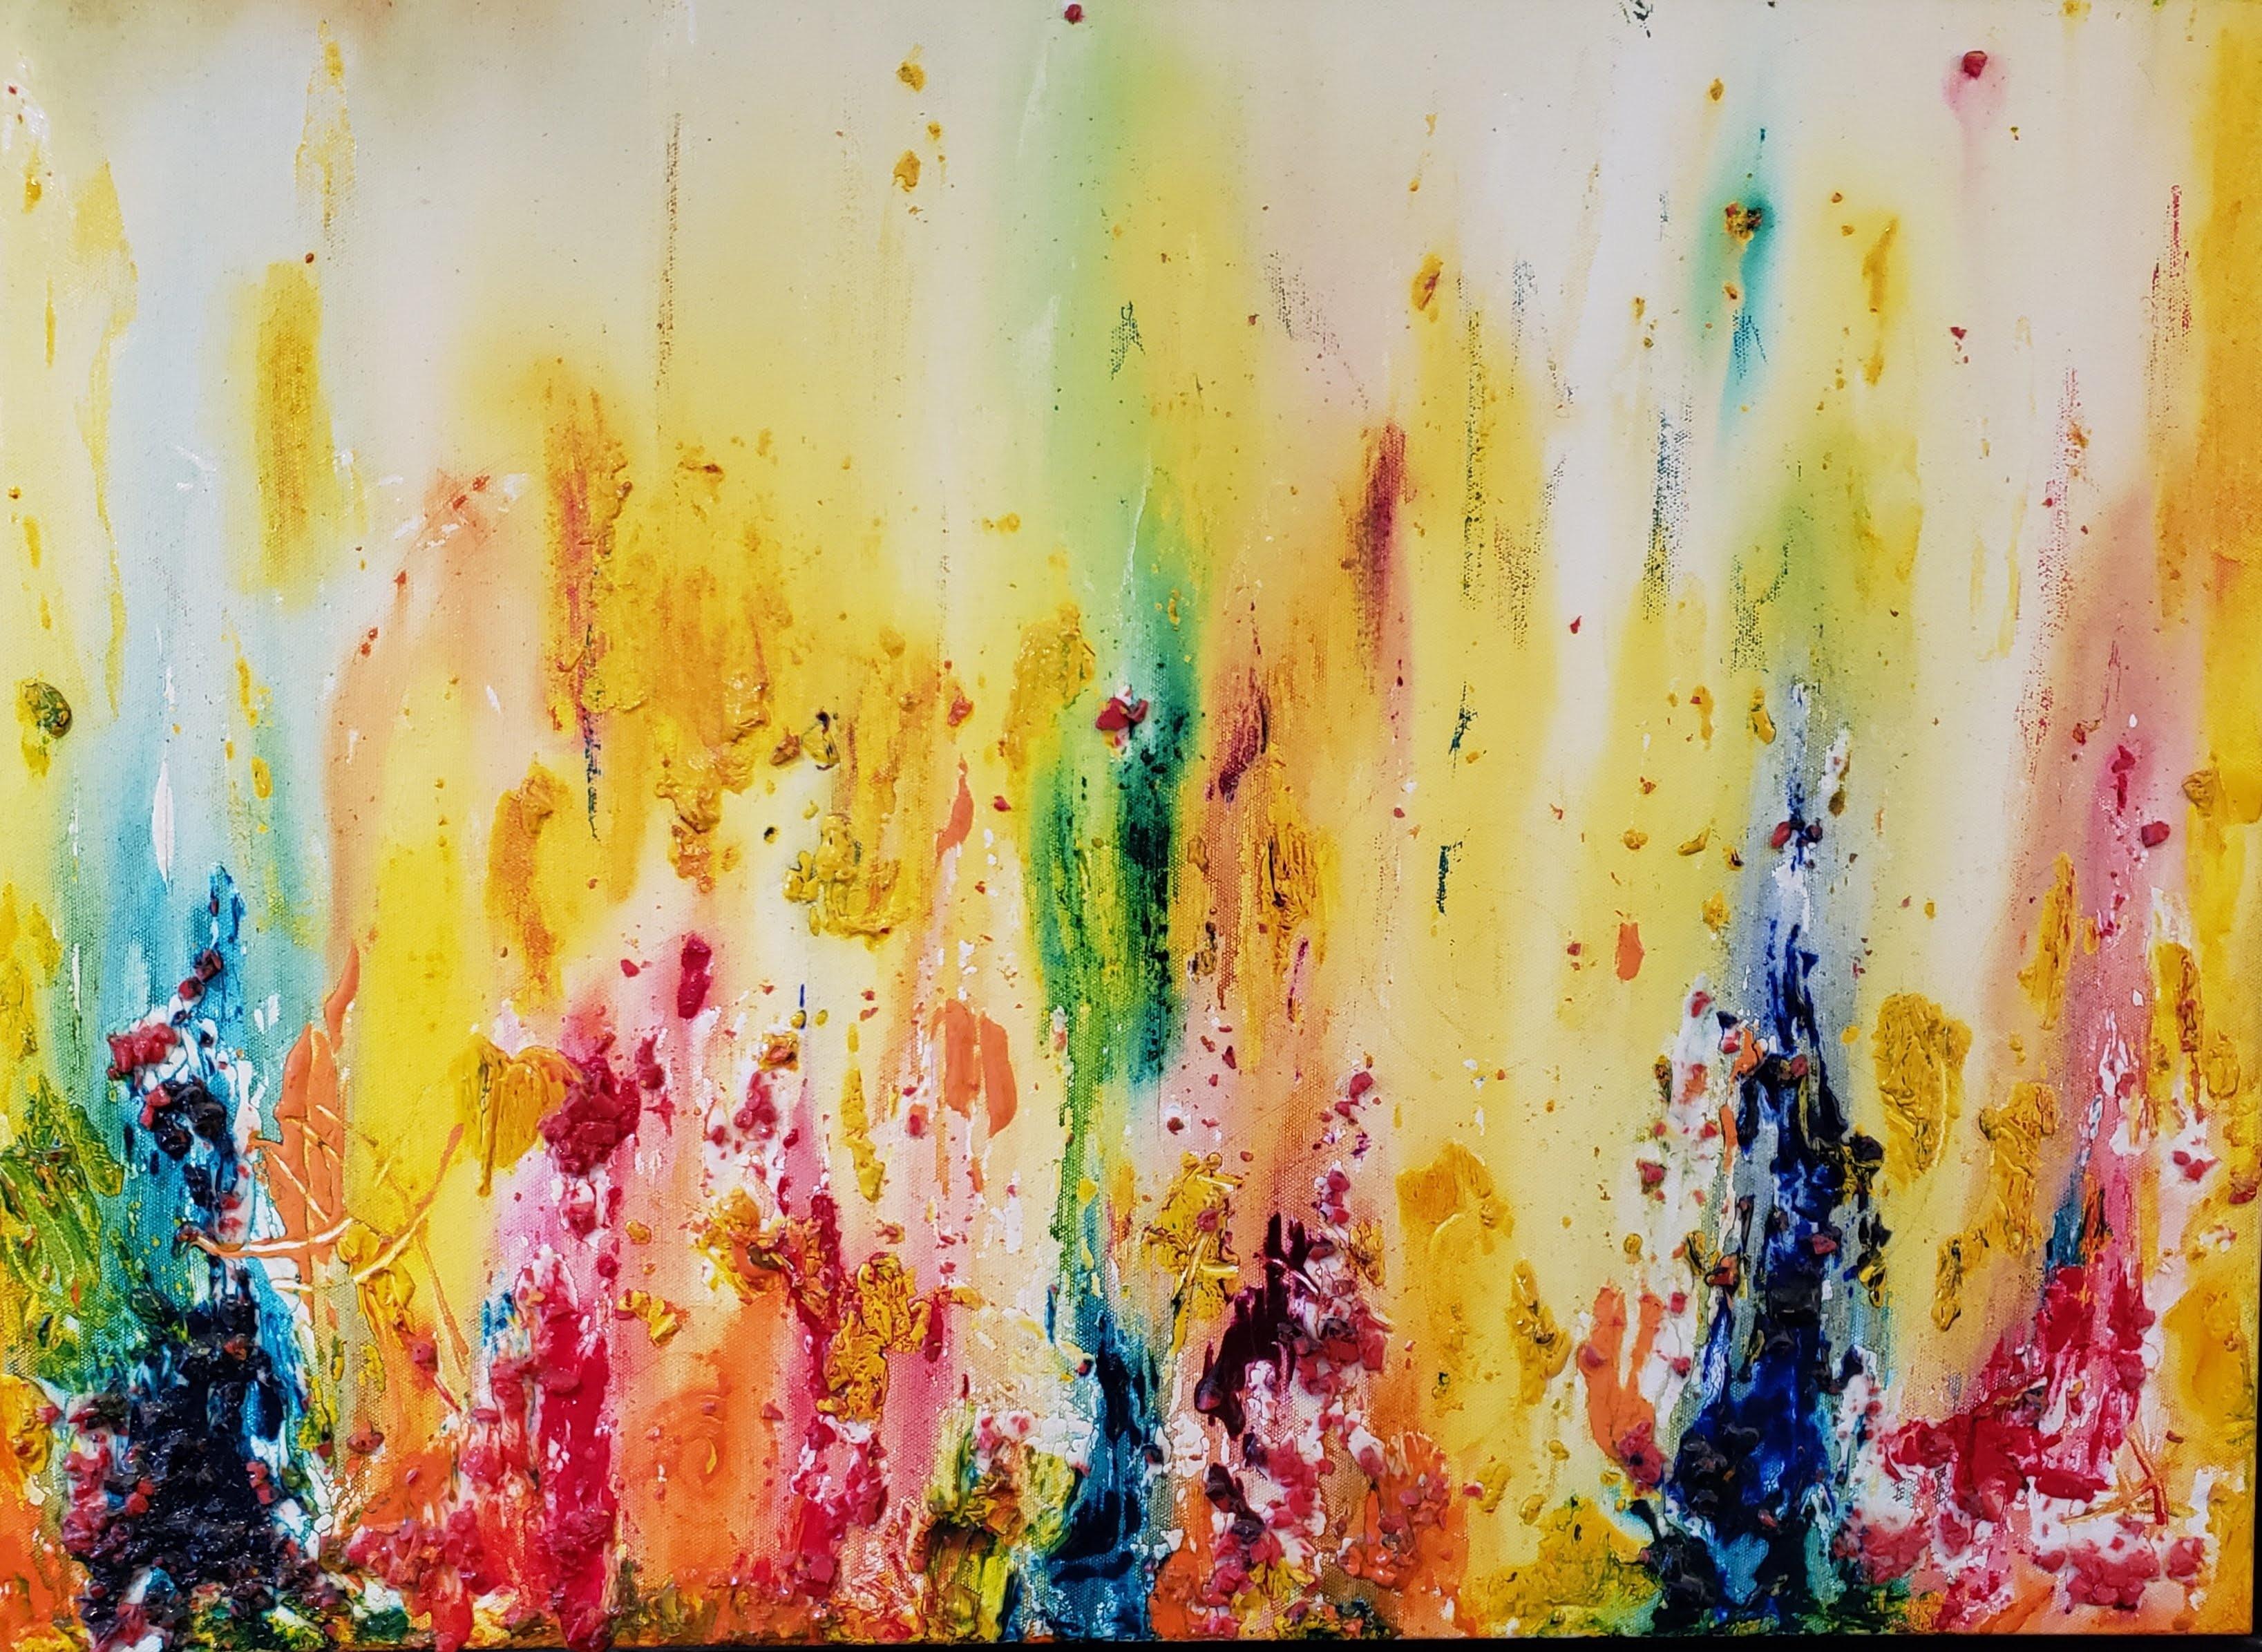 quadro - pintura abstrata - quadro abstrato - cores vivas no Elo7 |  Patricia (1016413)